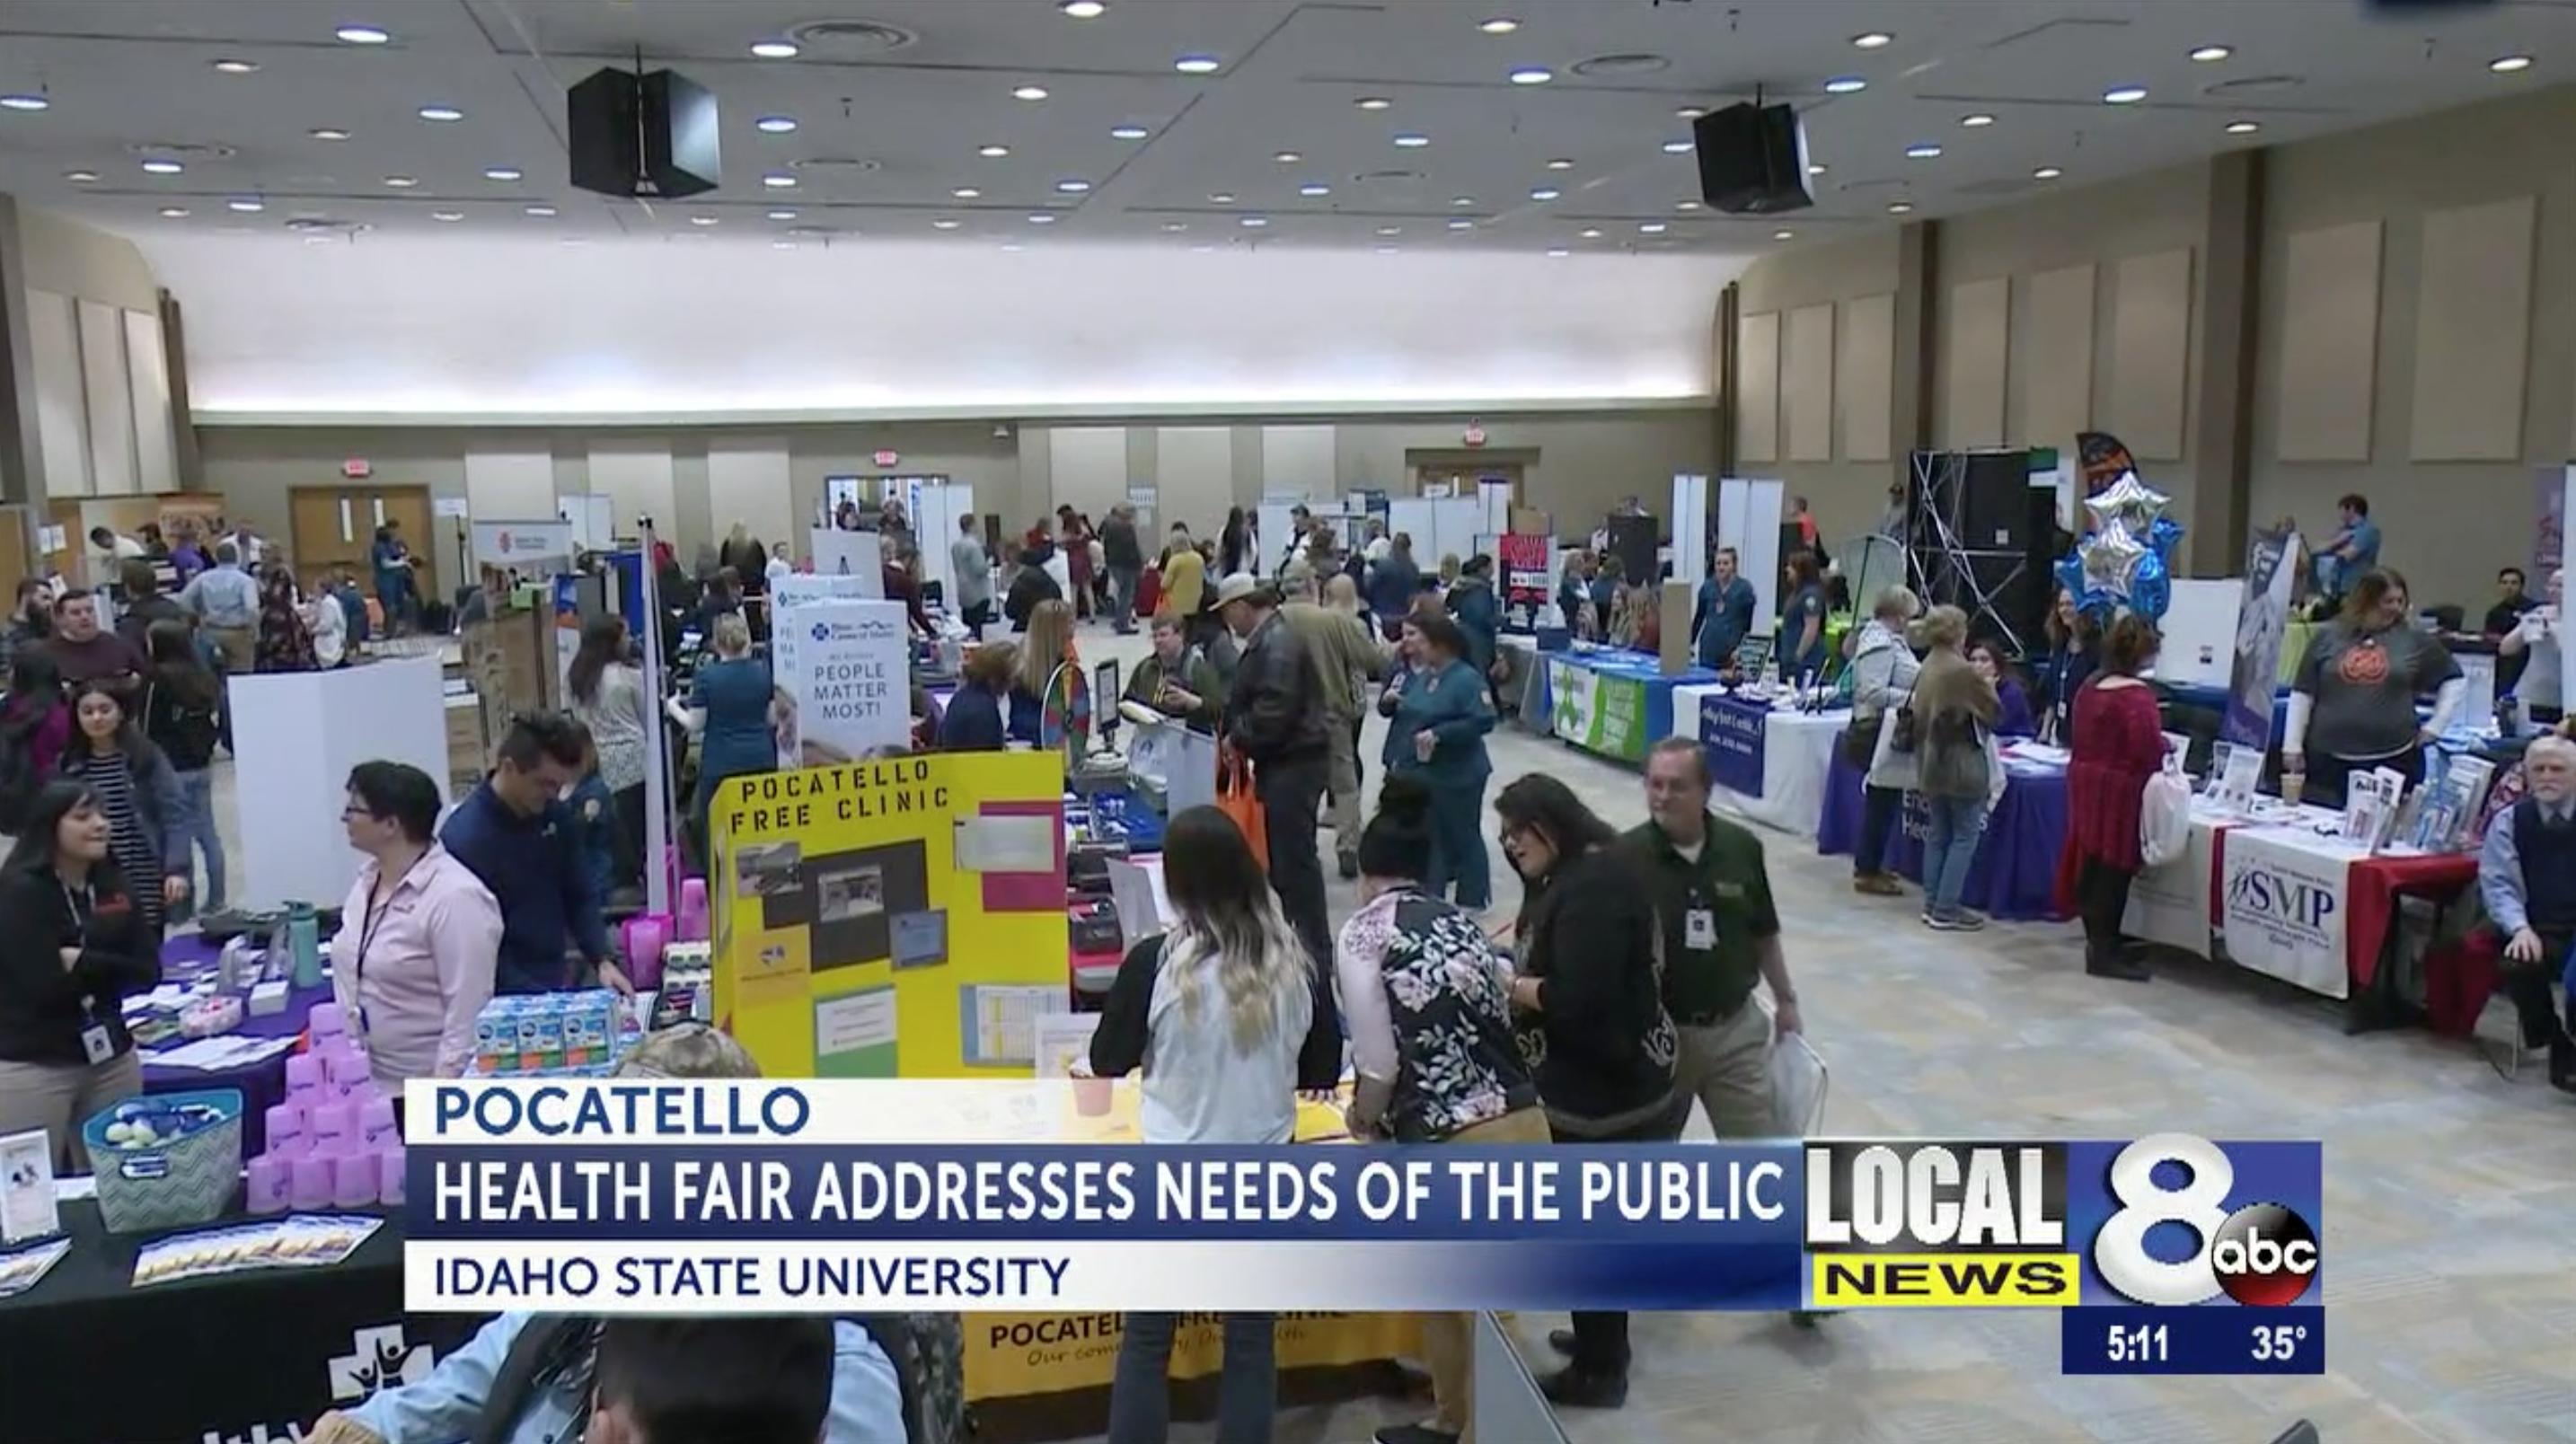 ISU Health Fair draws hundreds